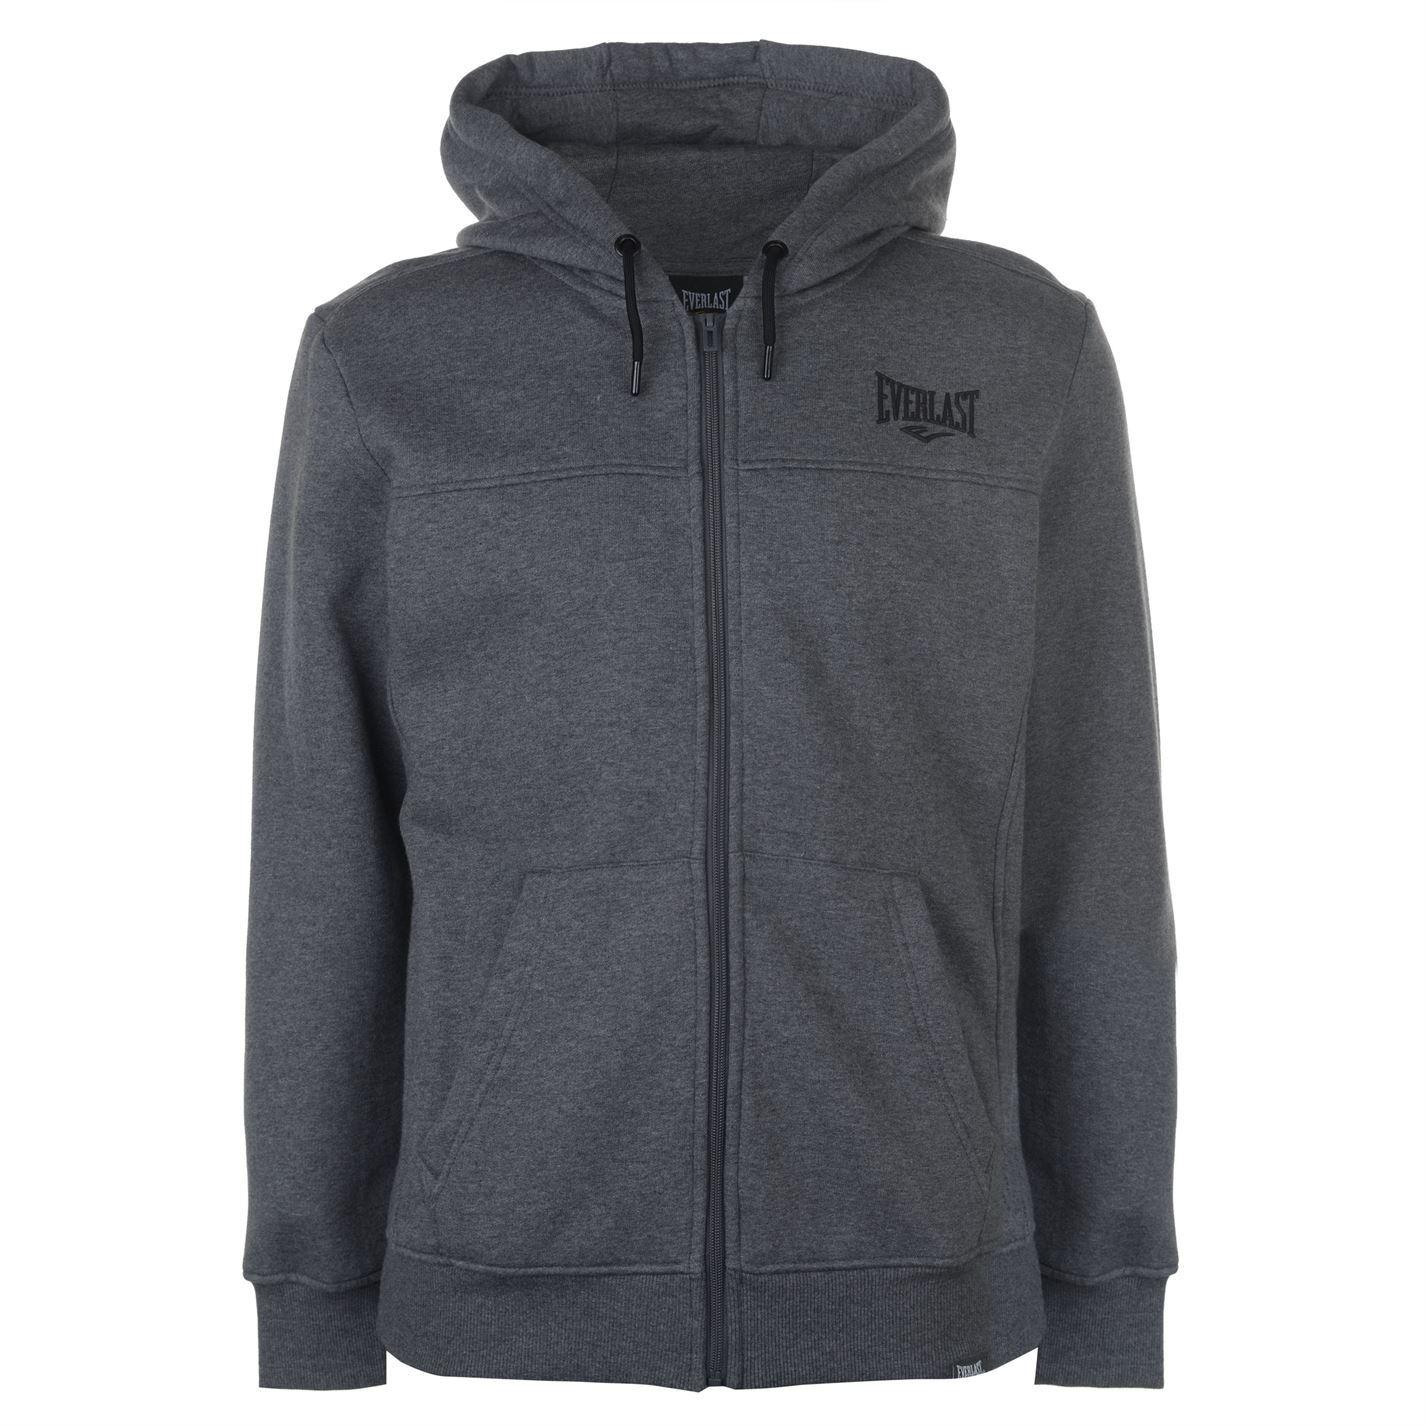 Everlast-Logo-Full-Zip-Hoody-Jacket-Mens-Hoodie-Sweatshirt-Sweater-Hooded-Top thumbnail 22